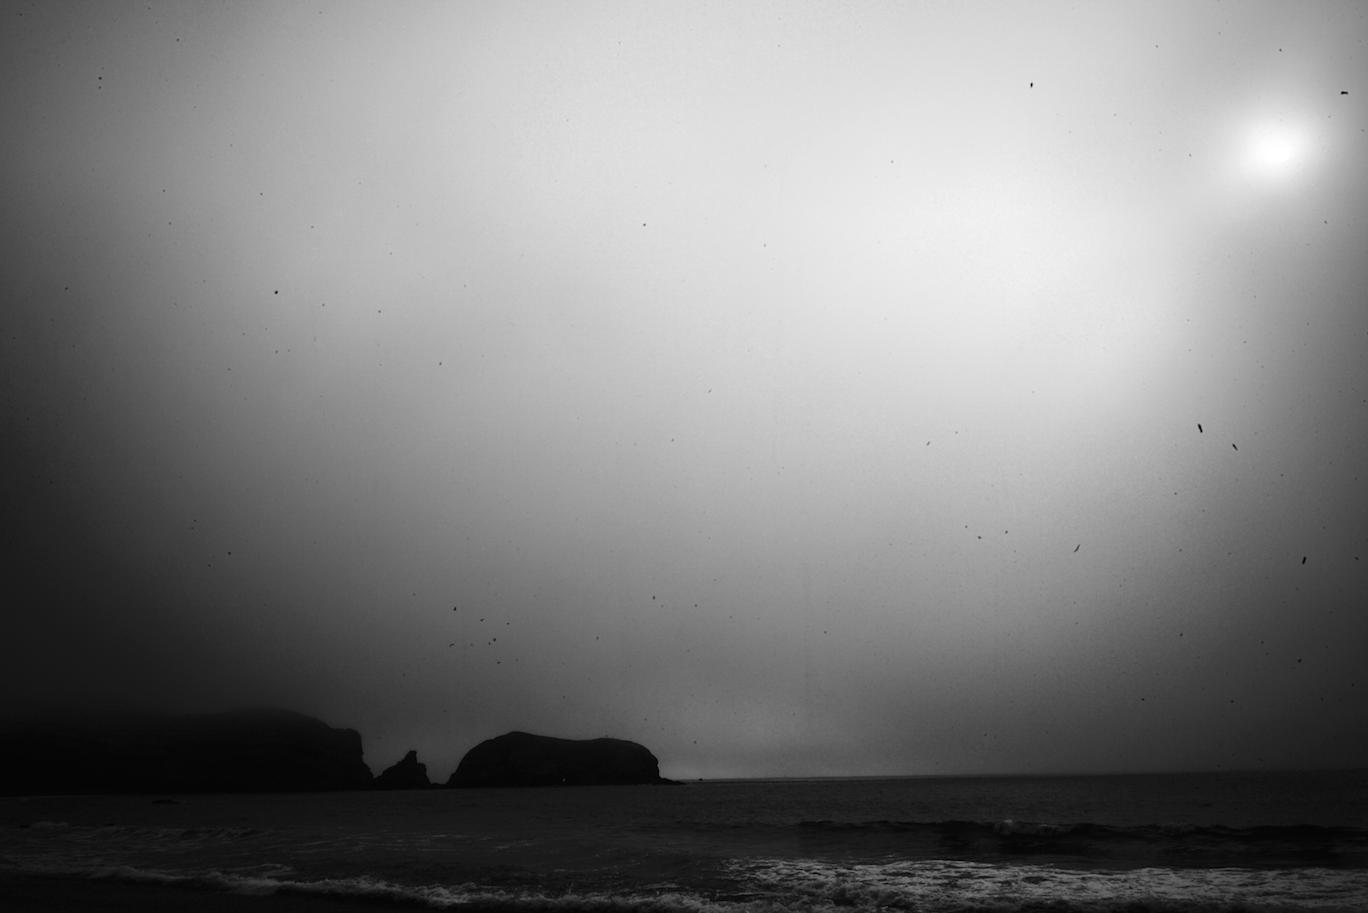 Screen Shot 2014-11-23 at 6.19.24 PM.png